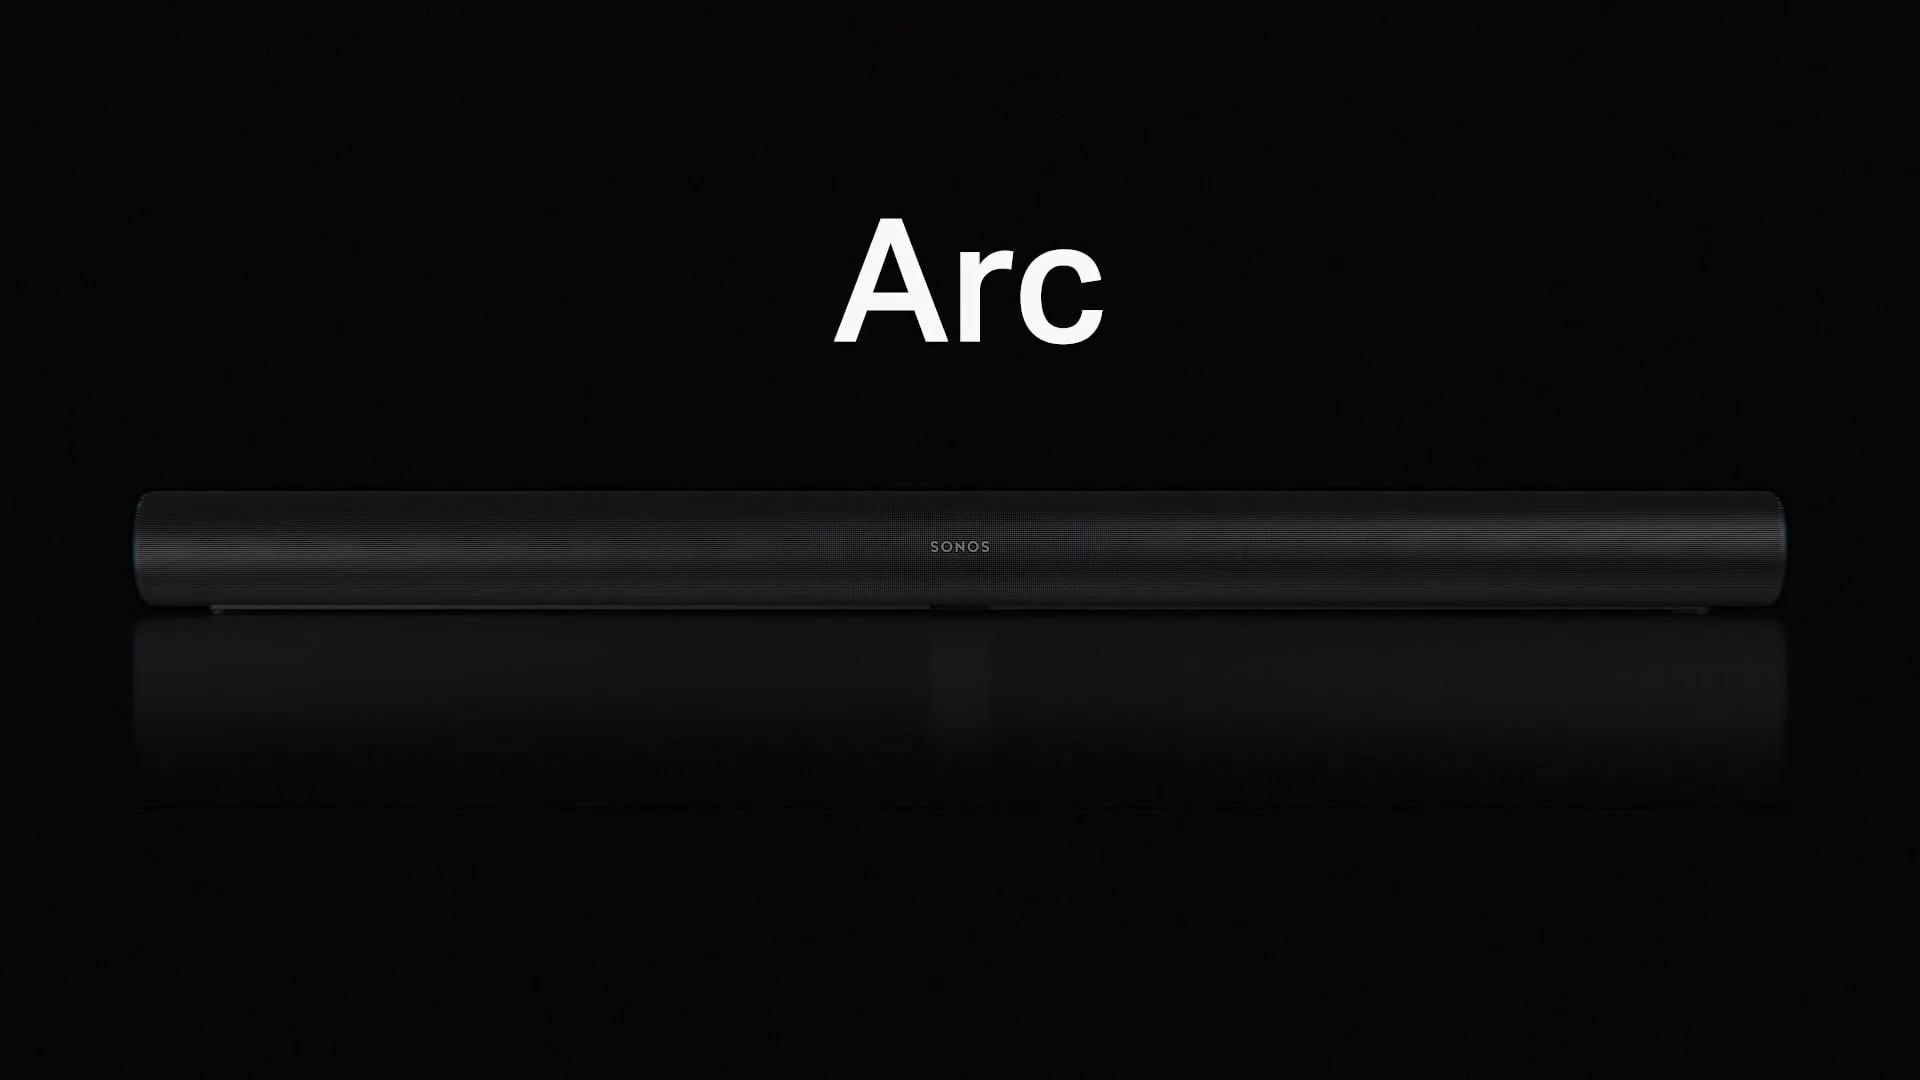 Sonos Arc Review